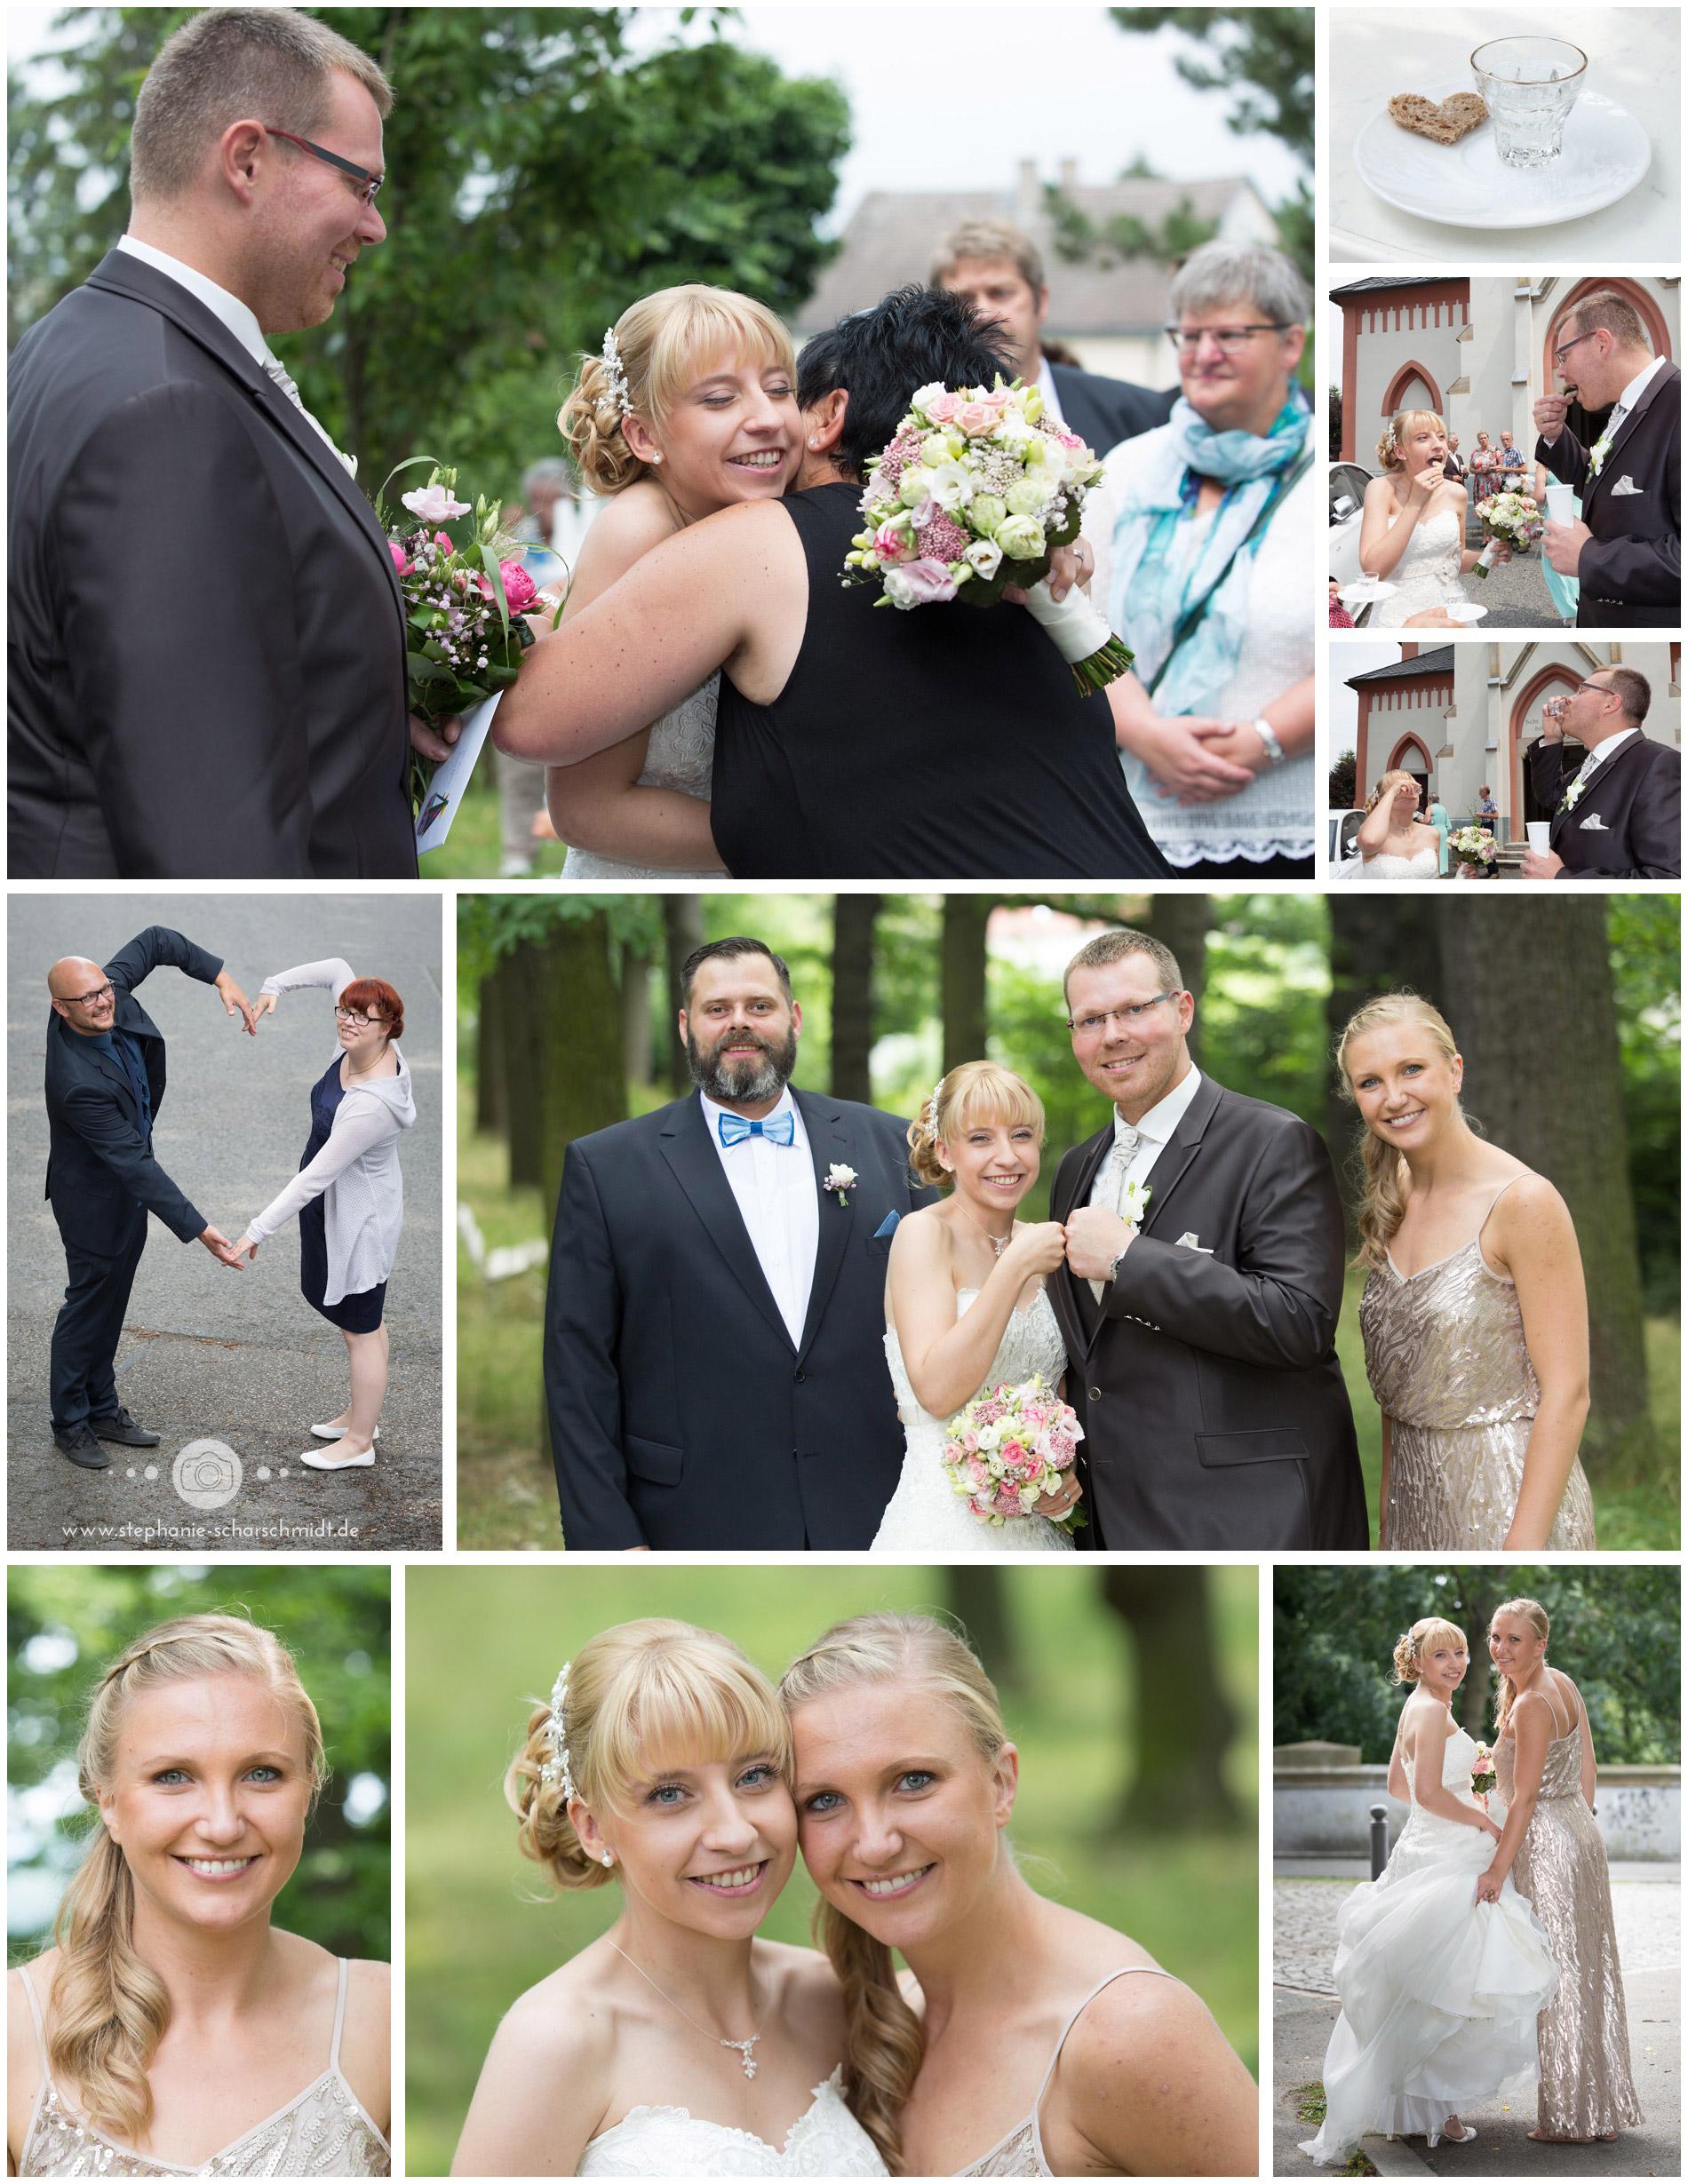 Hochzeitsfoto Reinsdorf – Fotograf Zwickau - Hochzeitsfotografen Stephanie Scharschmidt